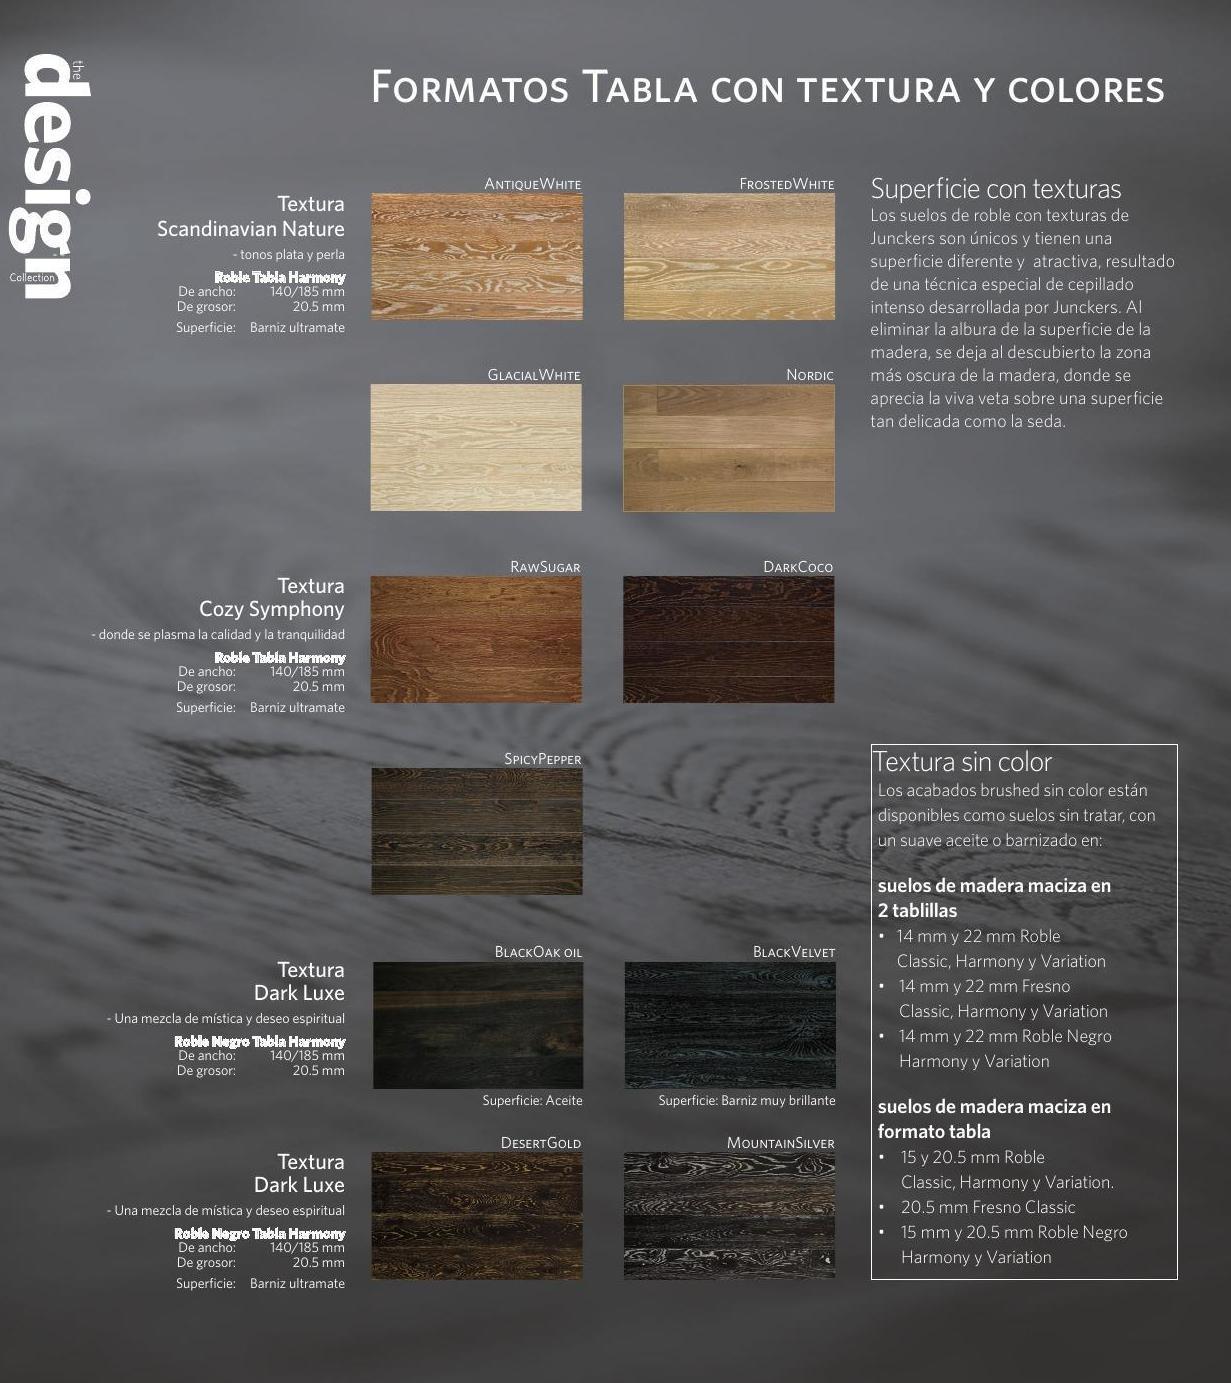 Junckers Design Collection formatos Tabla.